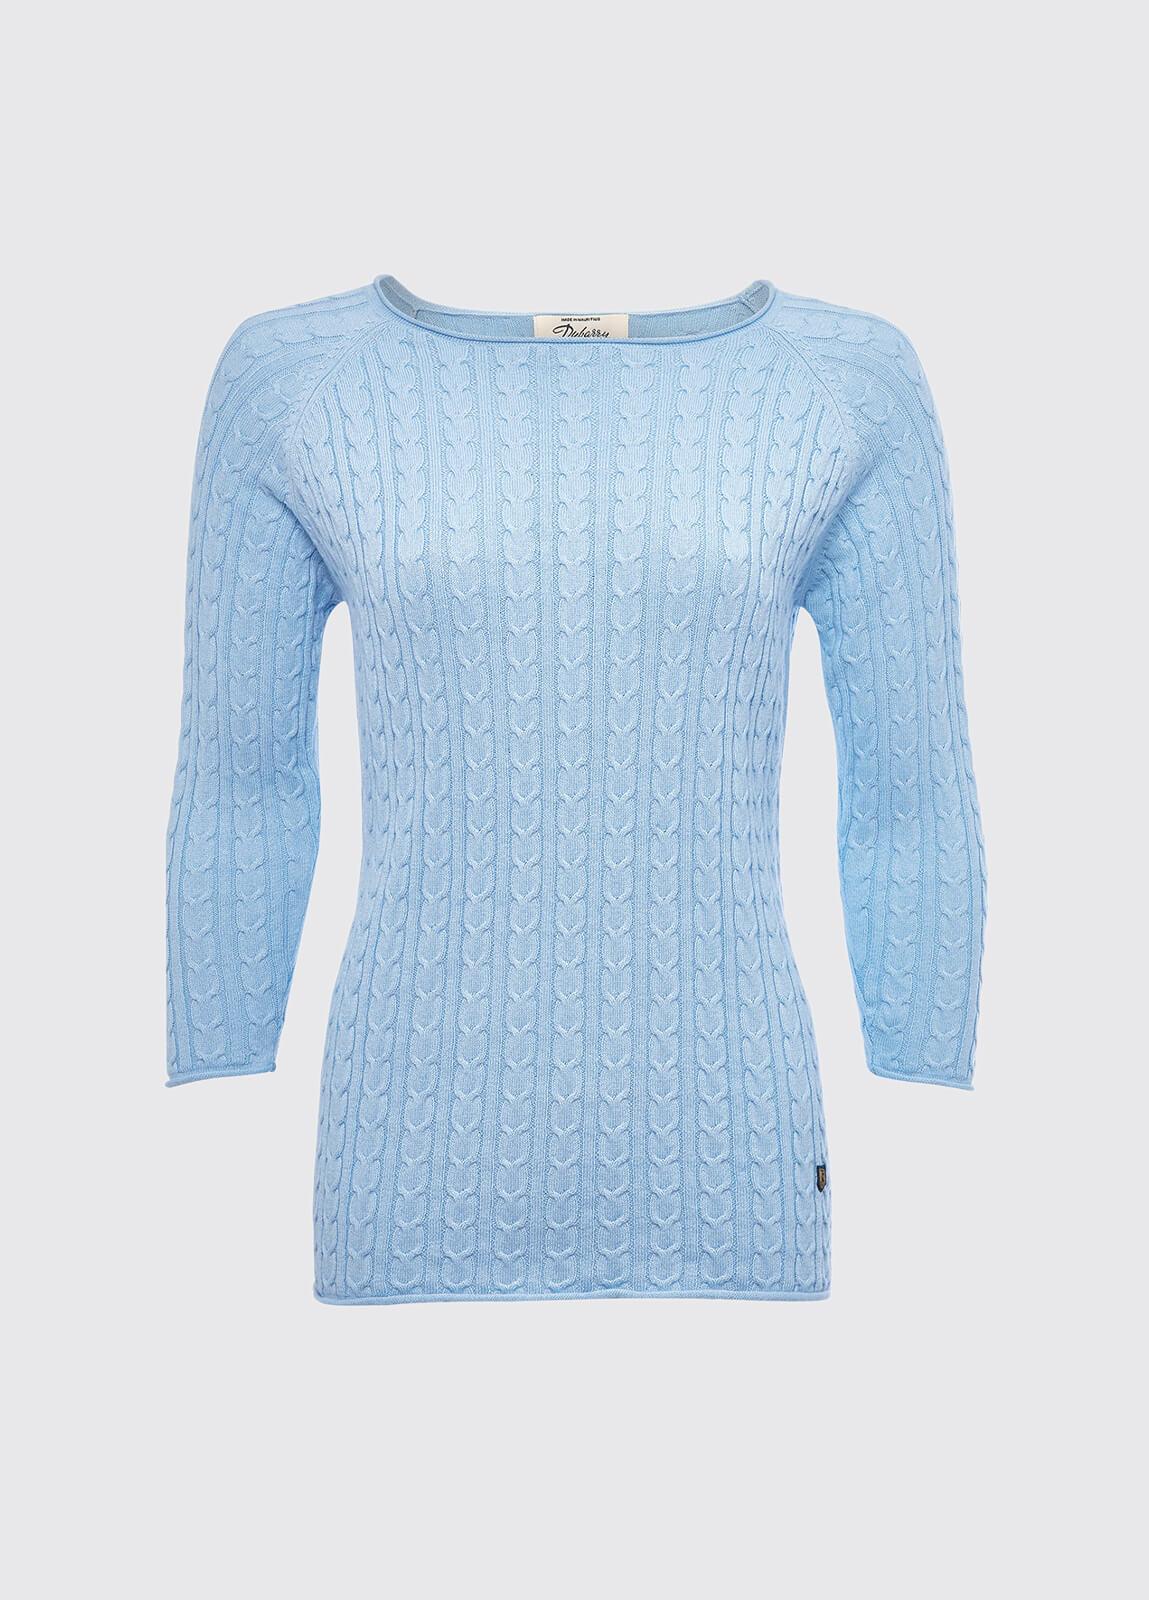 Caltra Sweater - Pale Blue